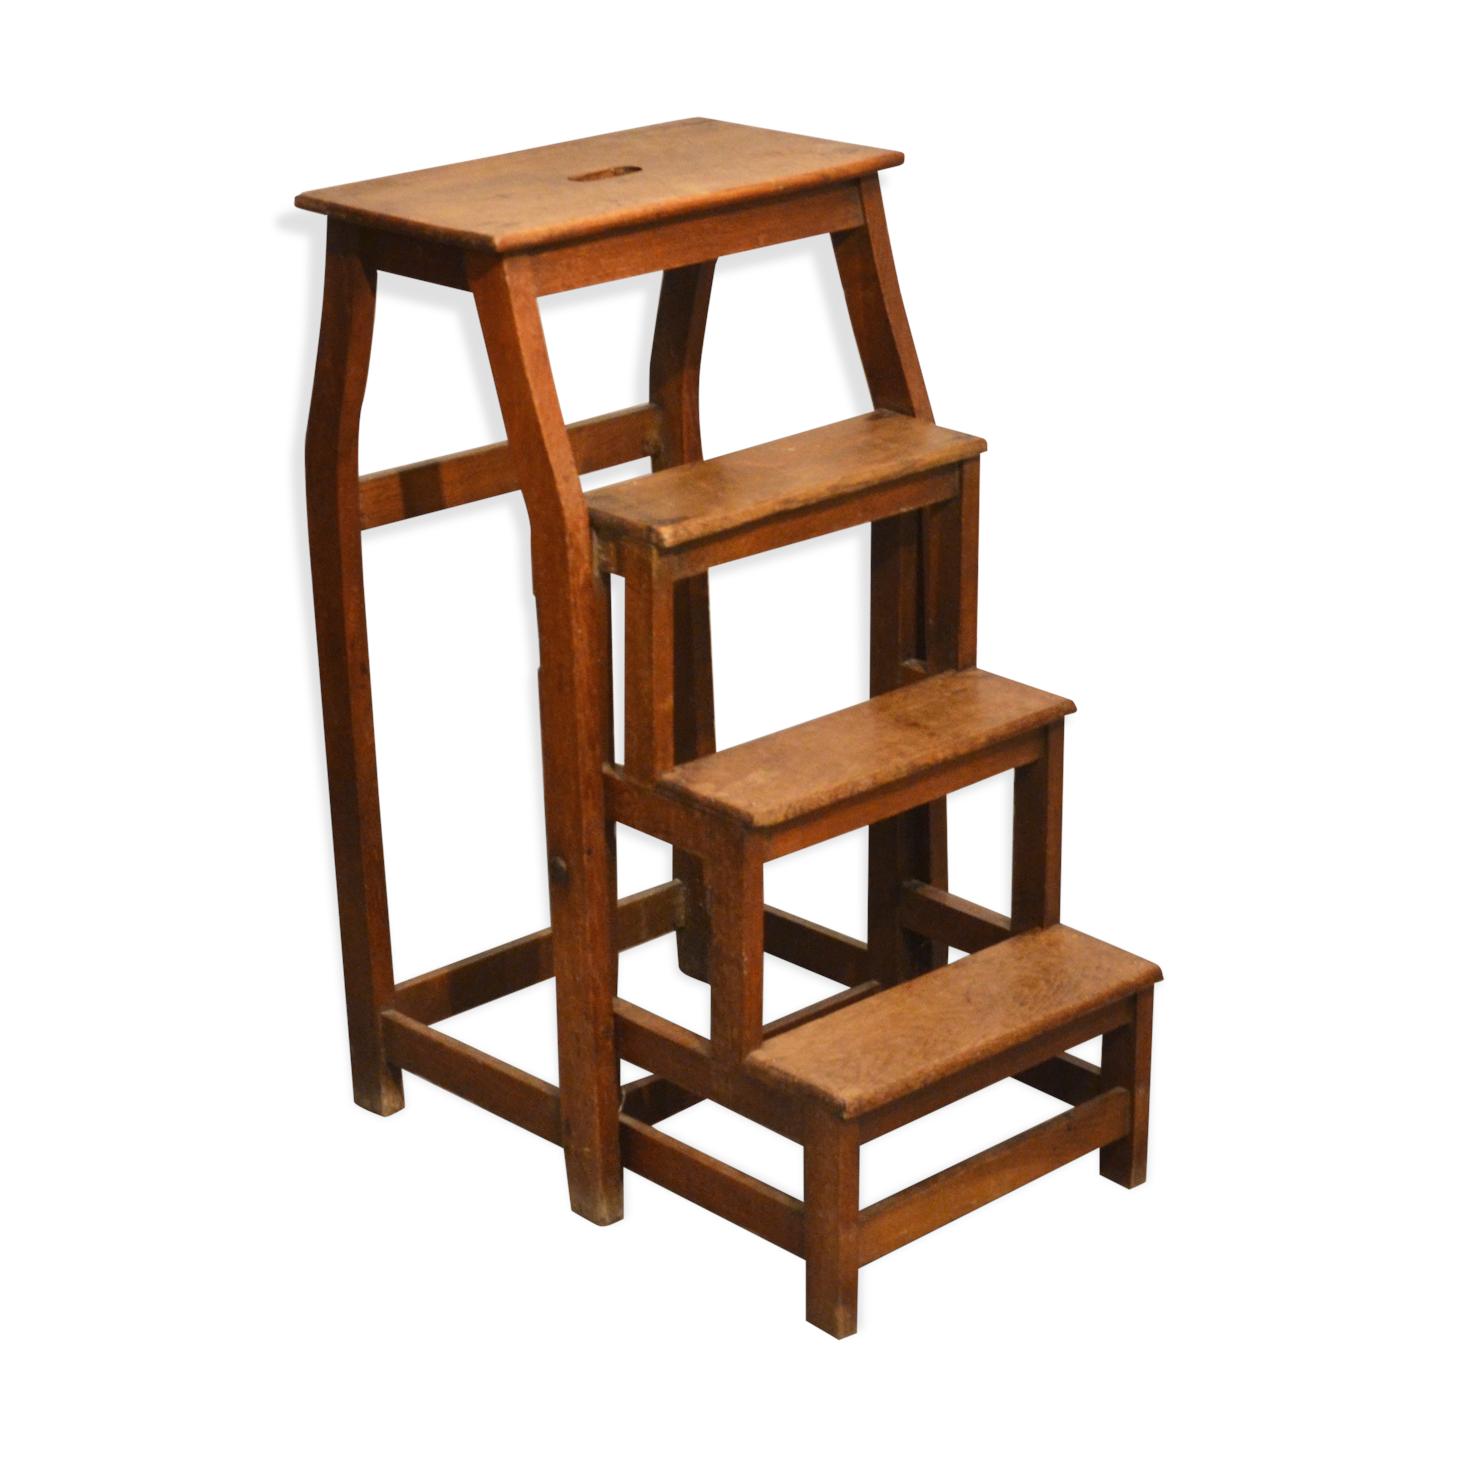 escabeau ancien de bibliothèque en bois massif - bois (matériau